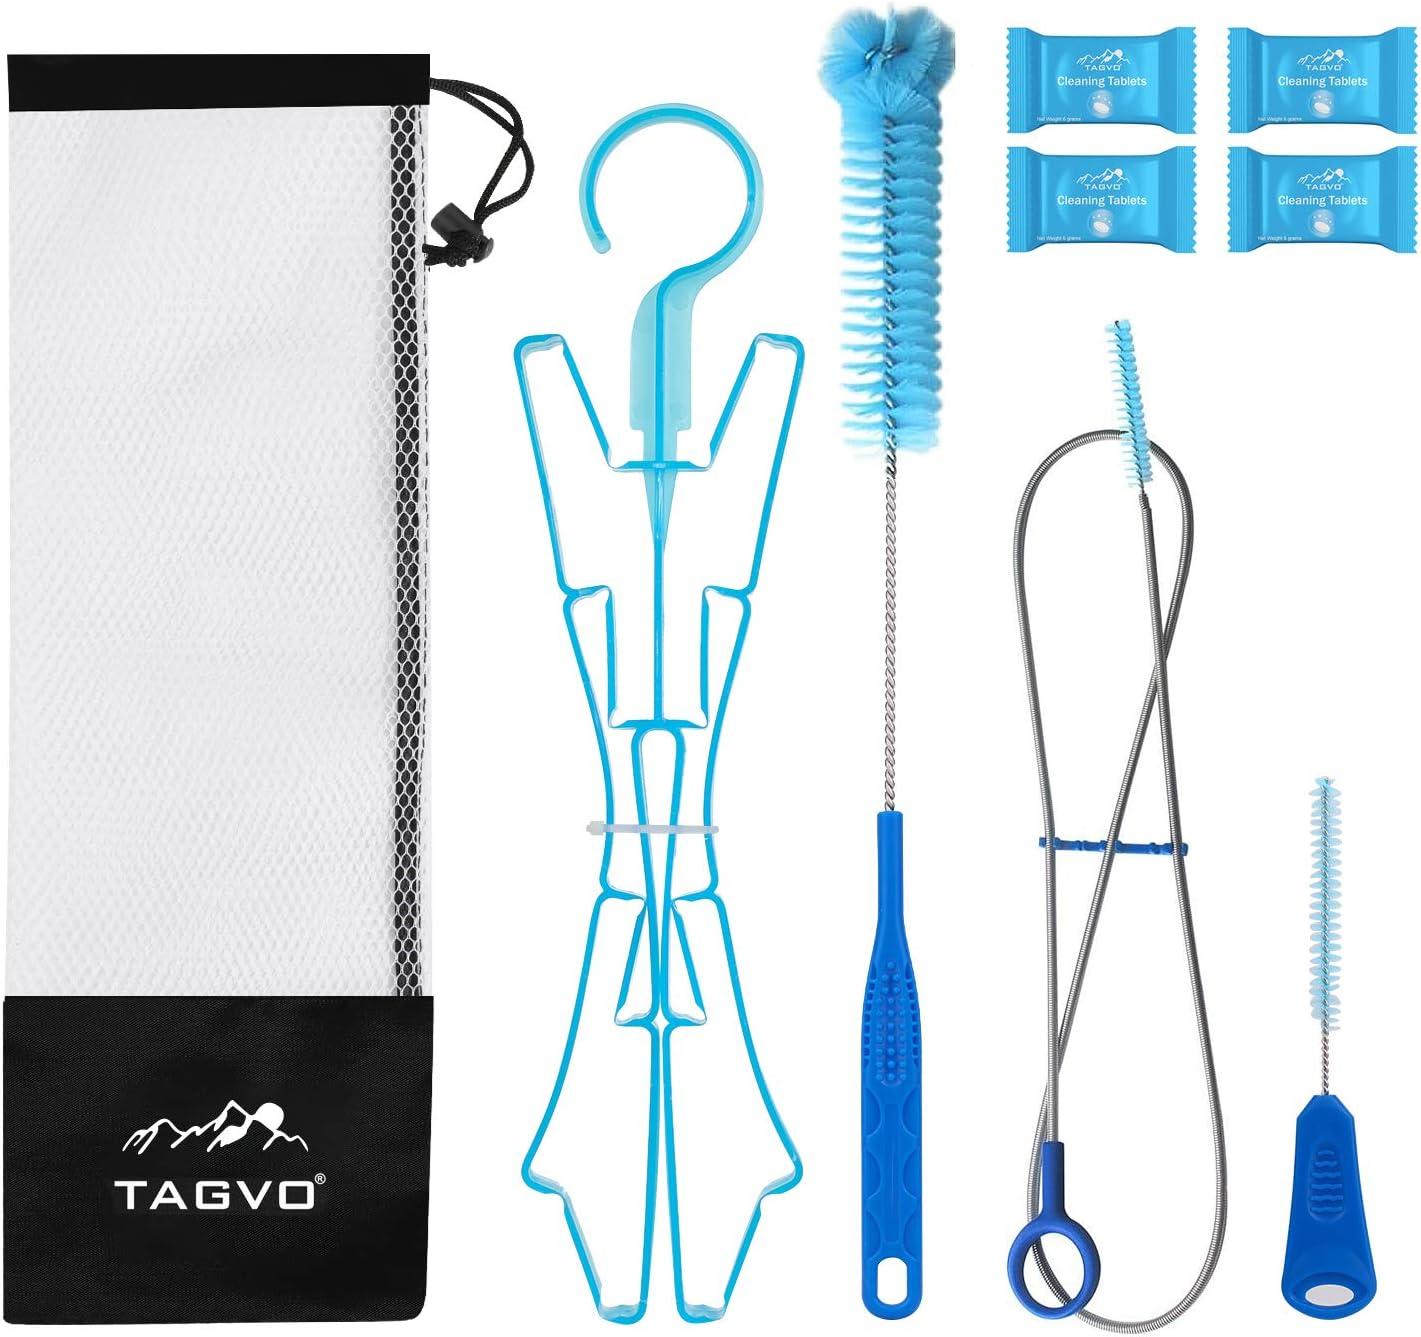 Filo Spazzola Blu LIOOBO 4pcs Kit di Pulizia della vescica dellAcqua idratazione Pacchetto di Pulizia della vescica Universale per Serbatoio idratazione